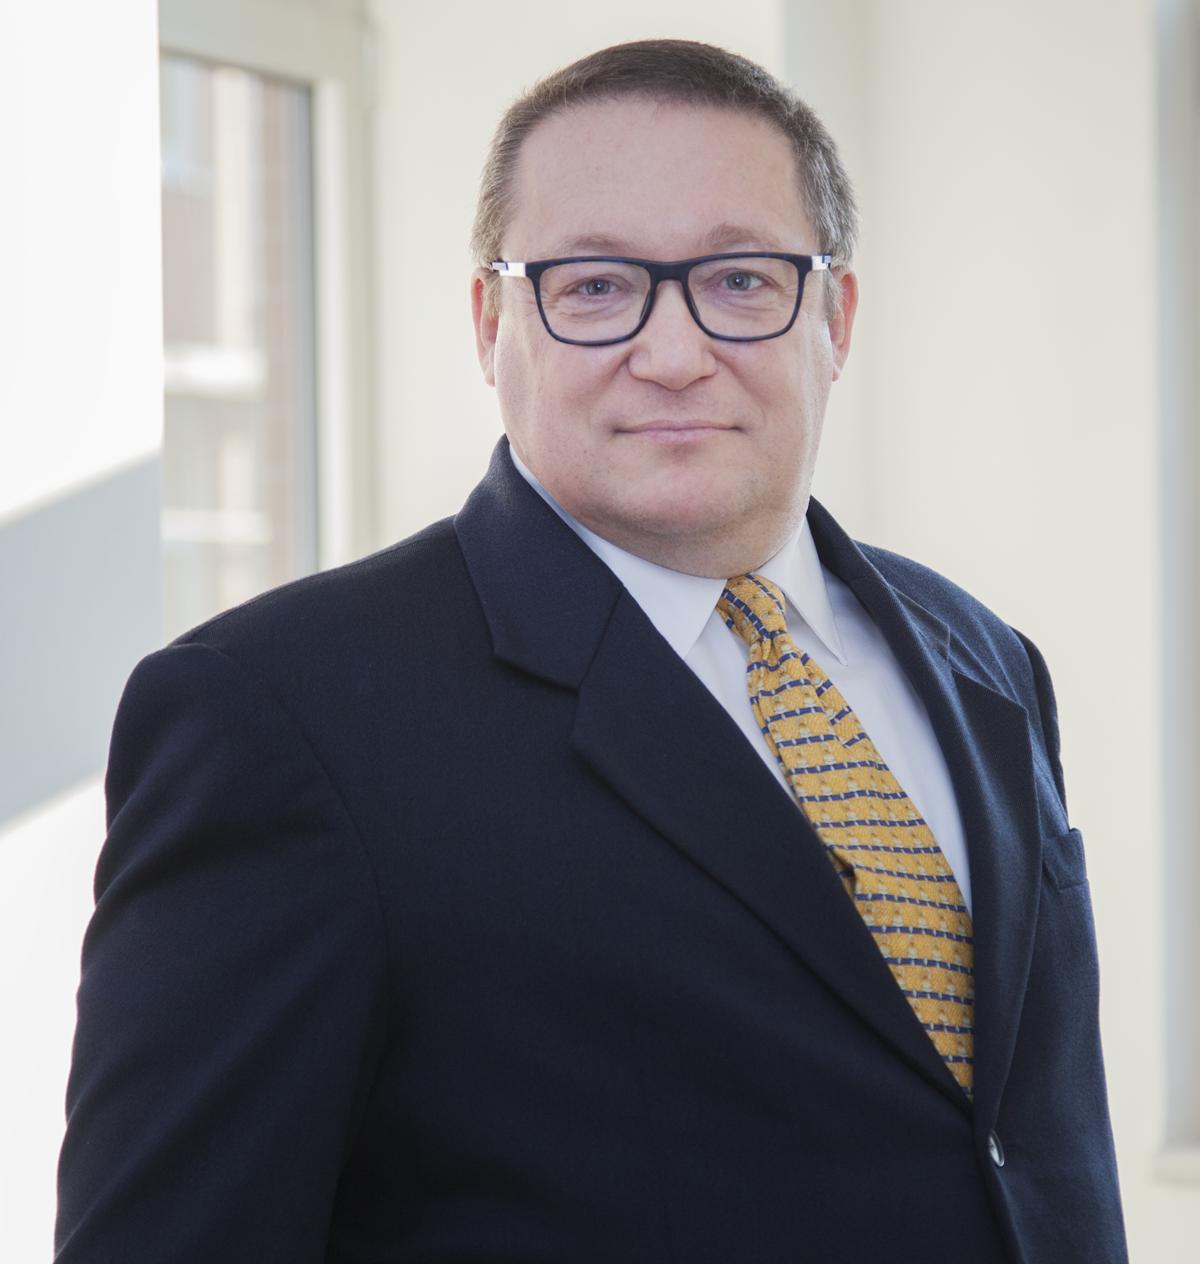 PhDr. Ing. Daniel Váňa, Ph.D.